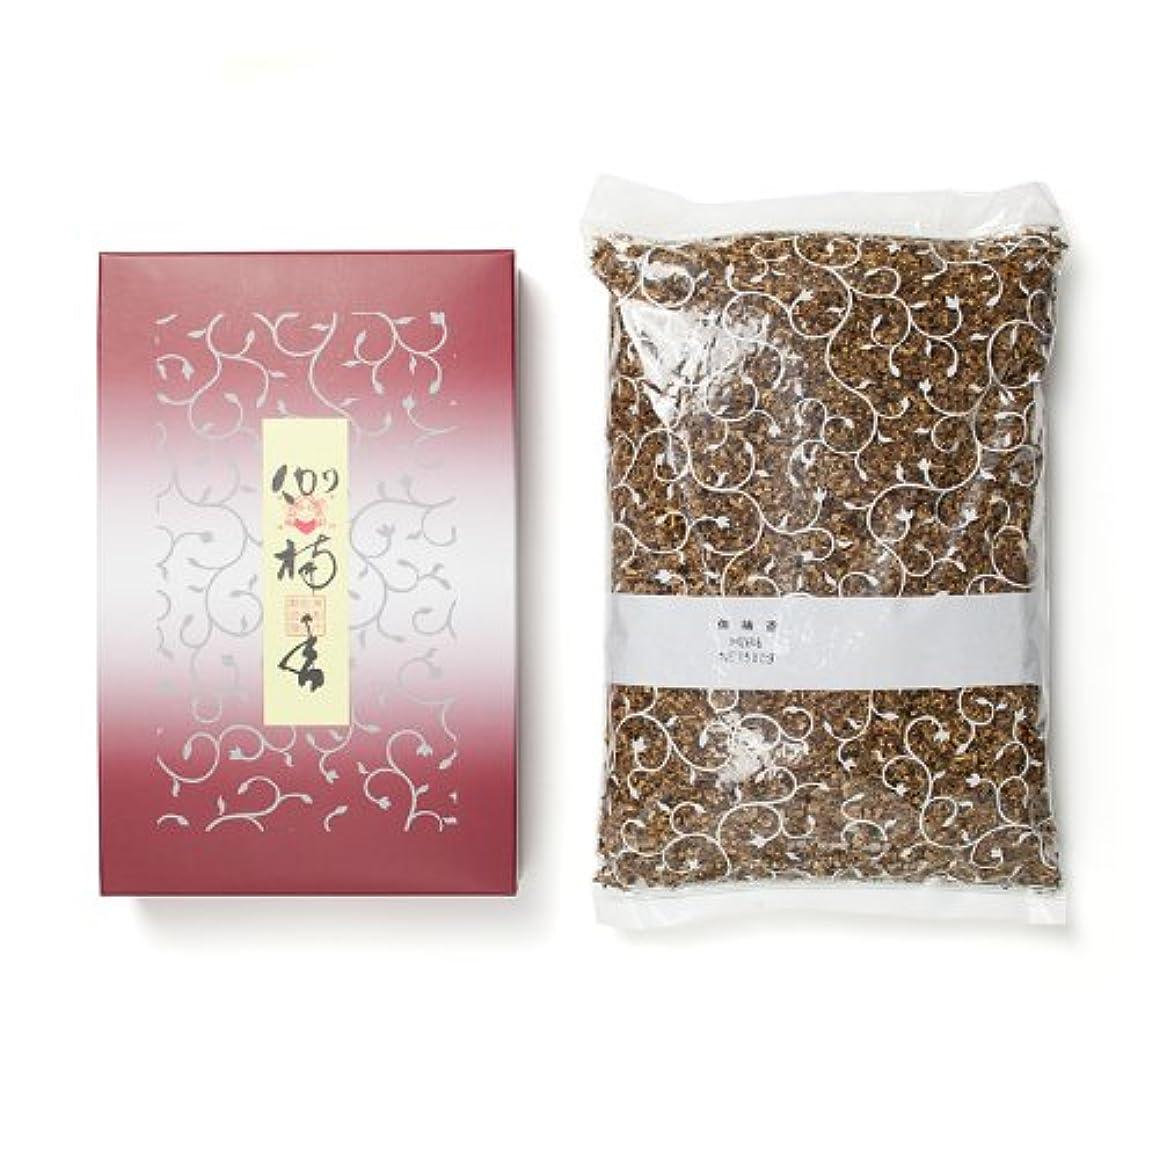 リングレット高価なベーカリー松栄堂のお焼香 伽楠香 500g詰 紙箱入 #410611